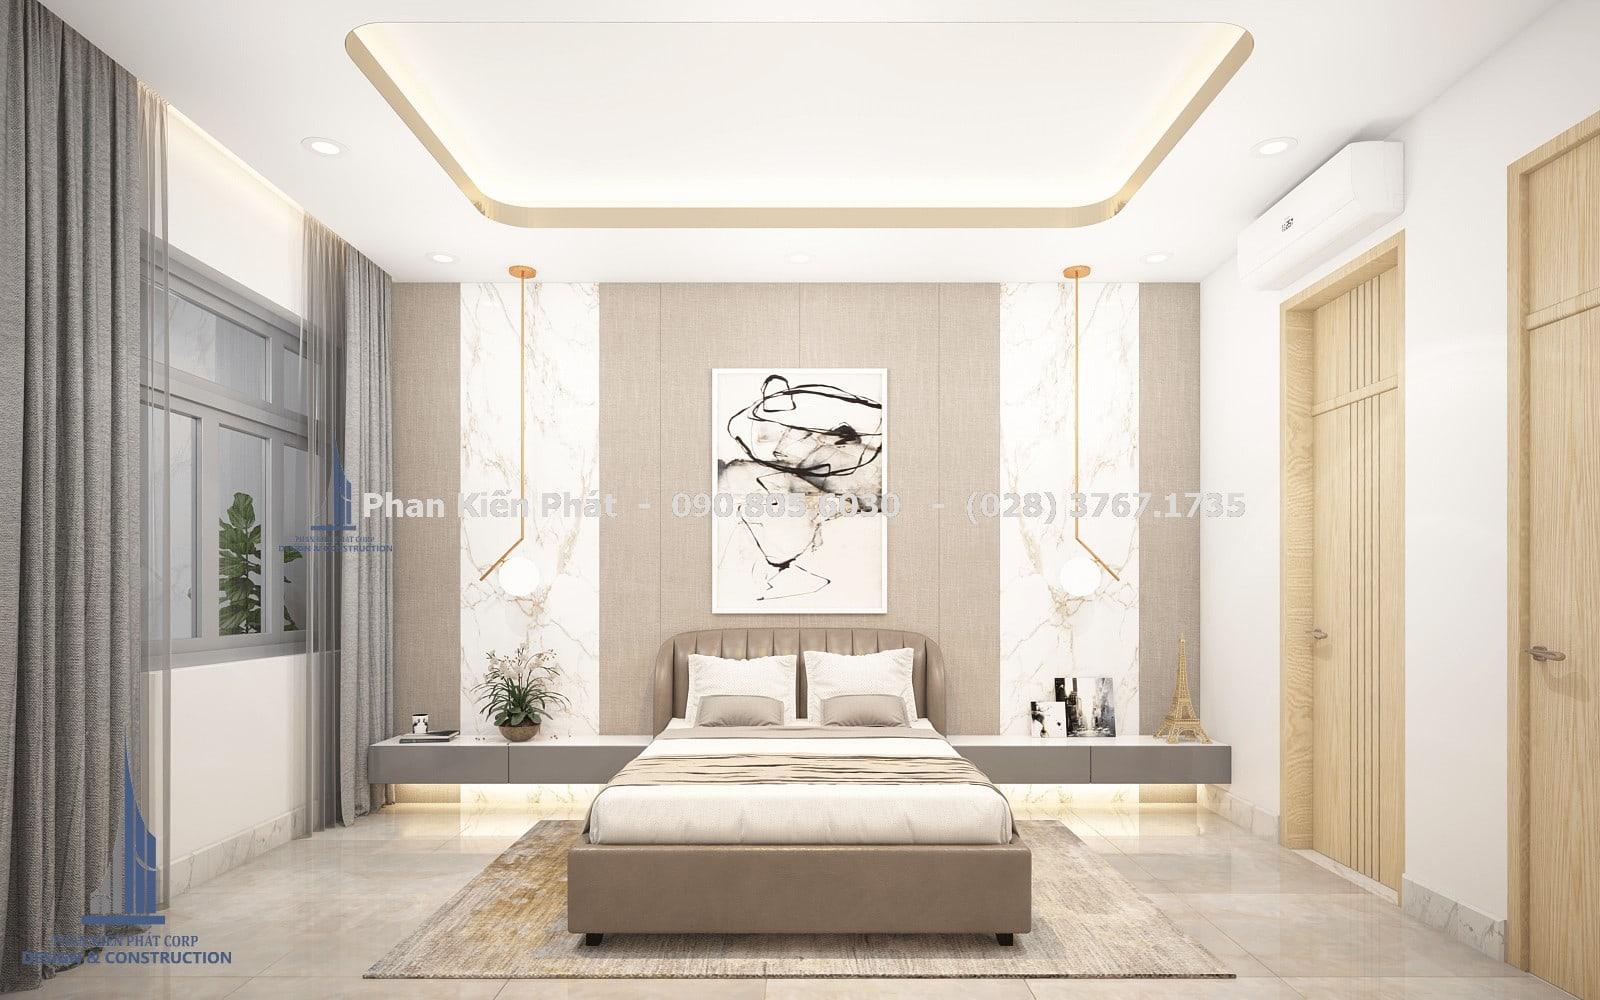 Nội thất phòng ngủ dành cho khách 2 đẹp góc 1